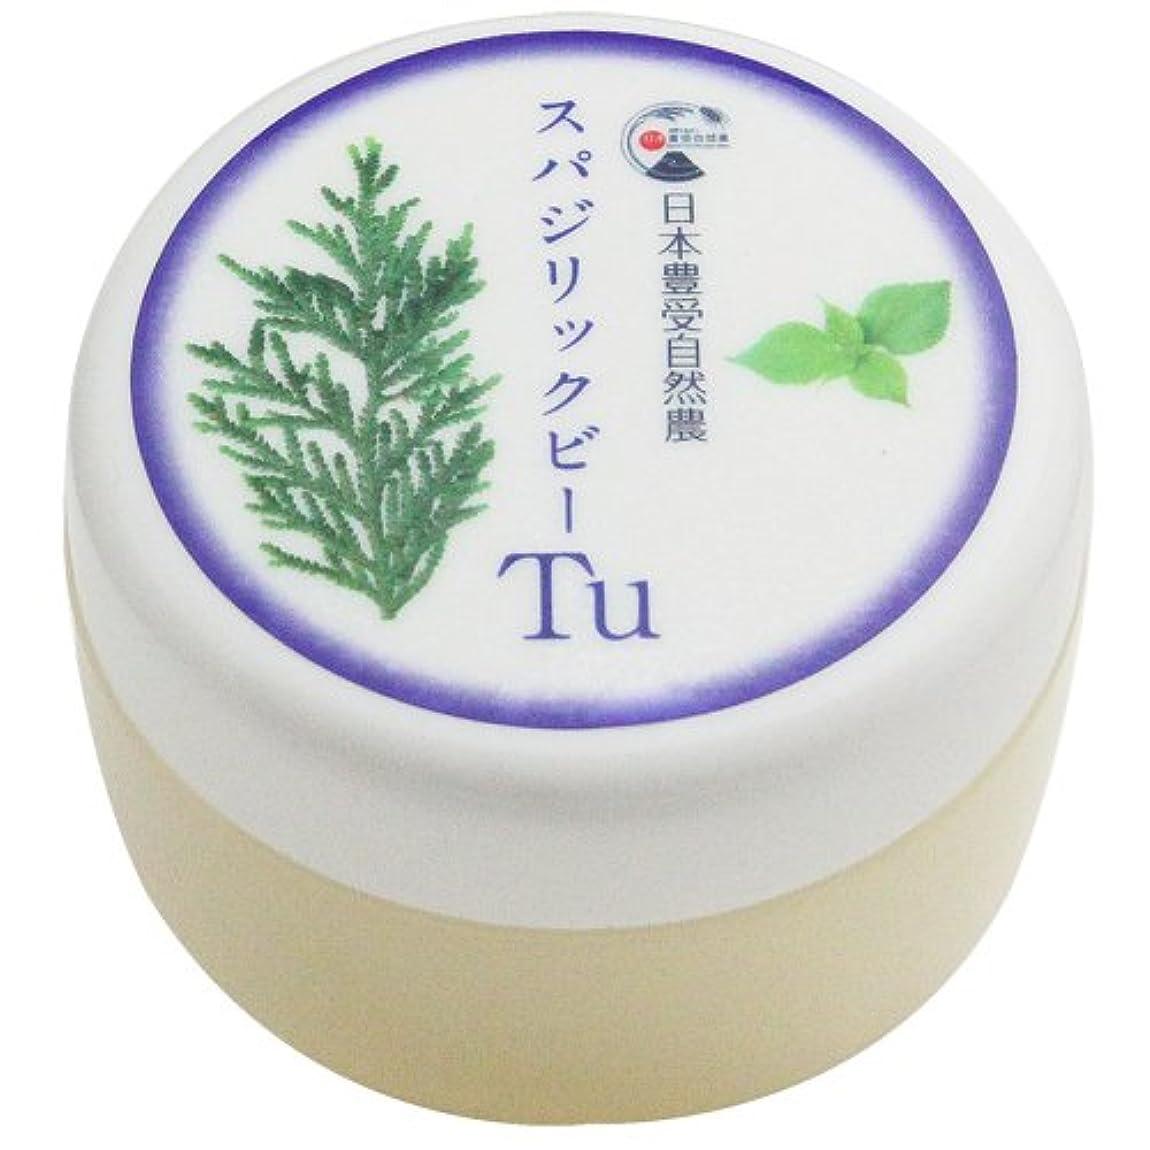 打ち負かすペストリー息を切らして日本豊受自然農 スパジリック ビーTu(特大) 135g